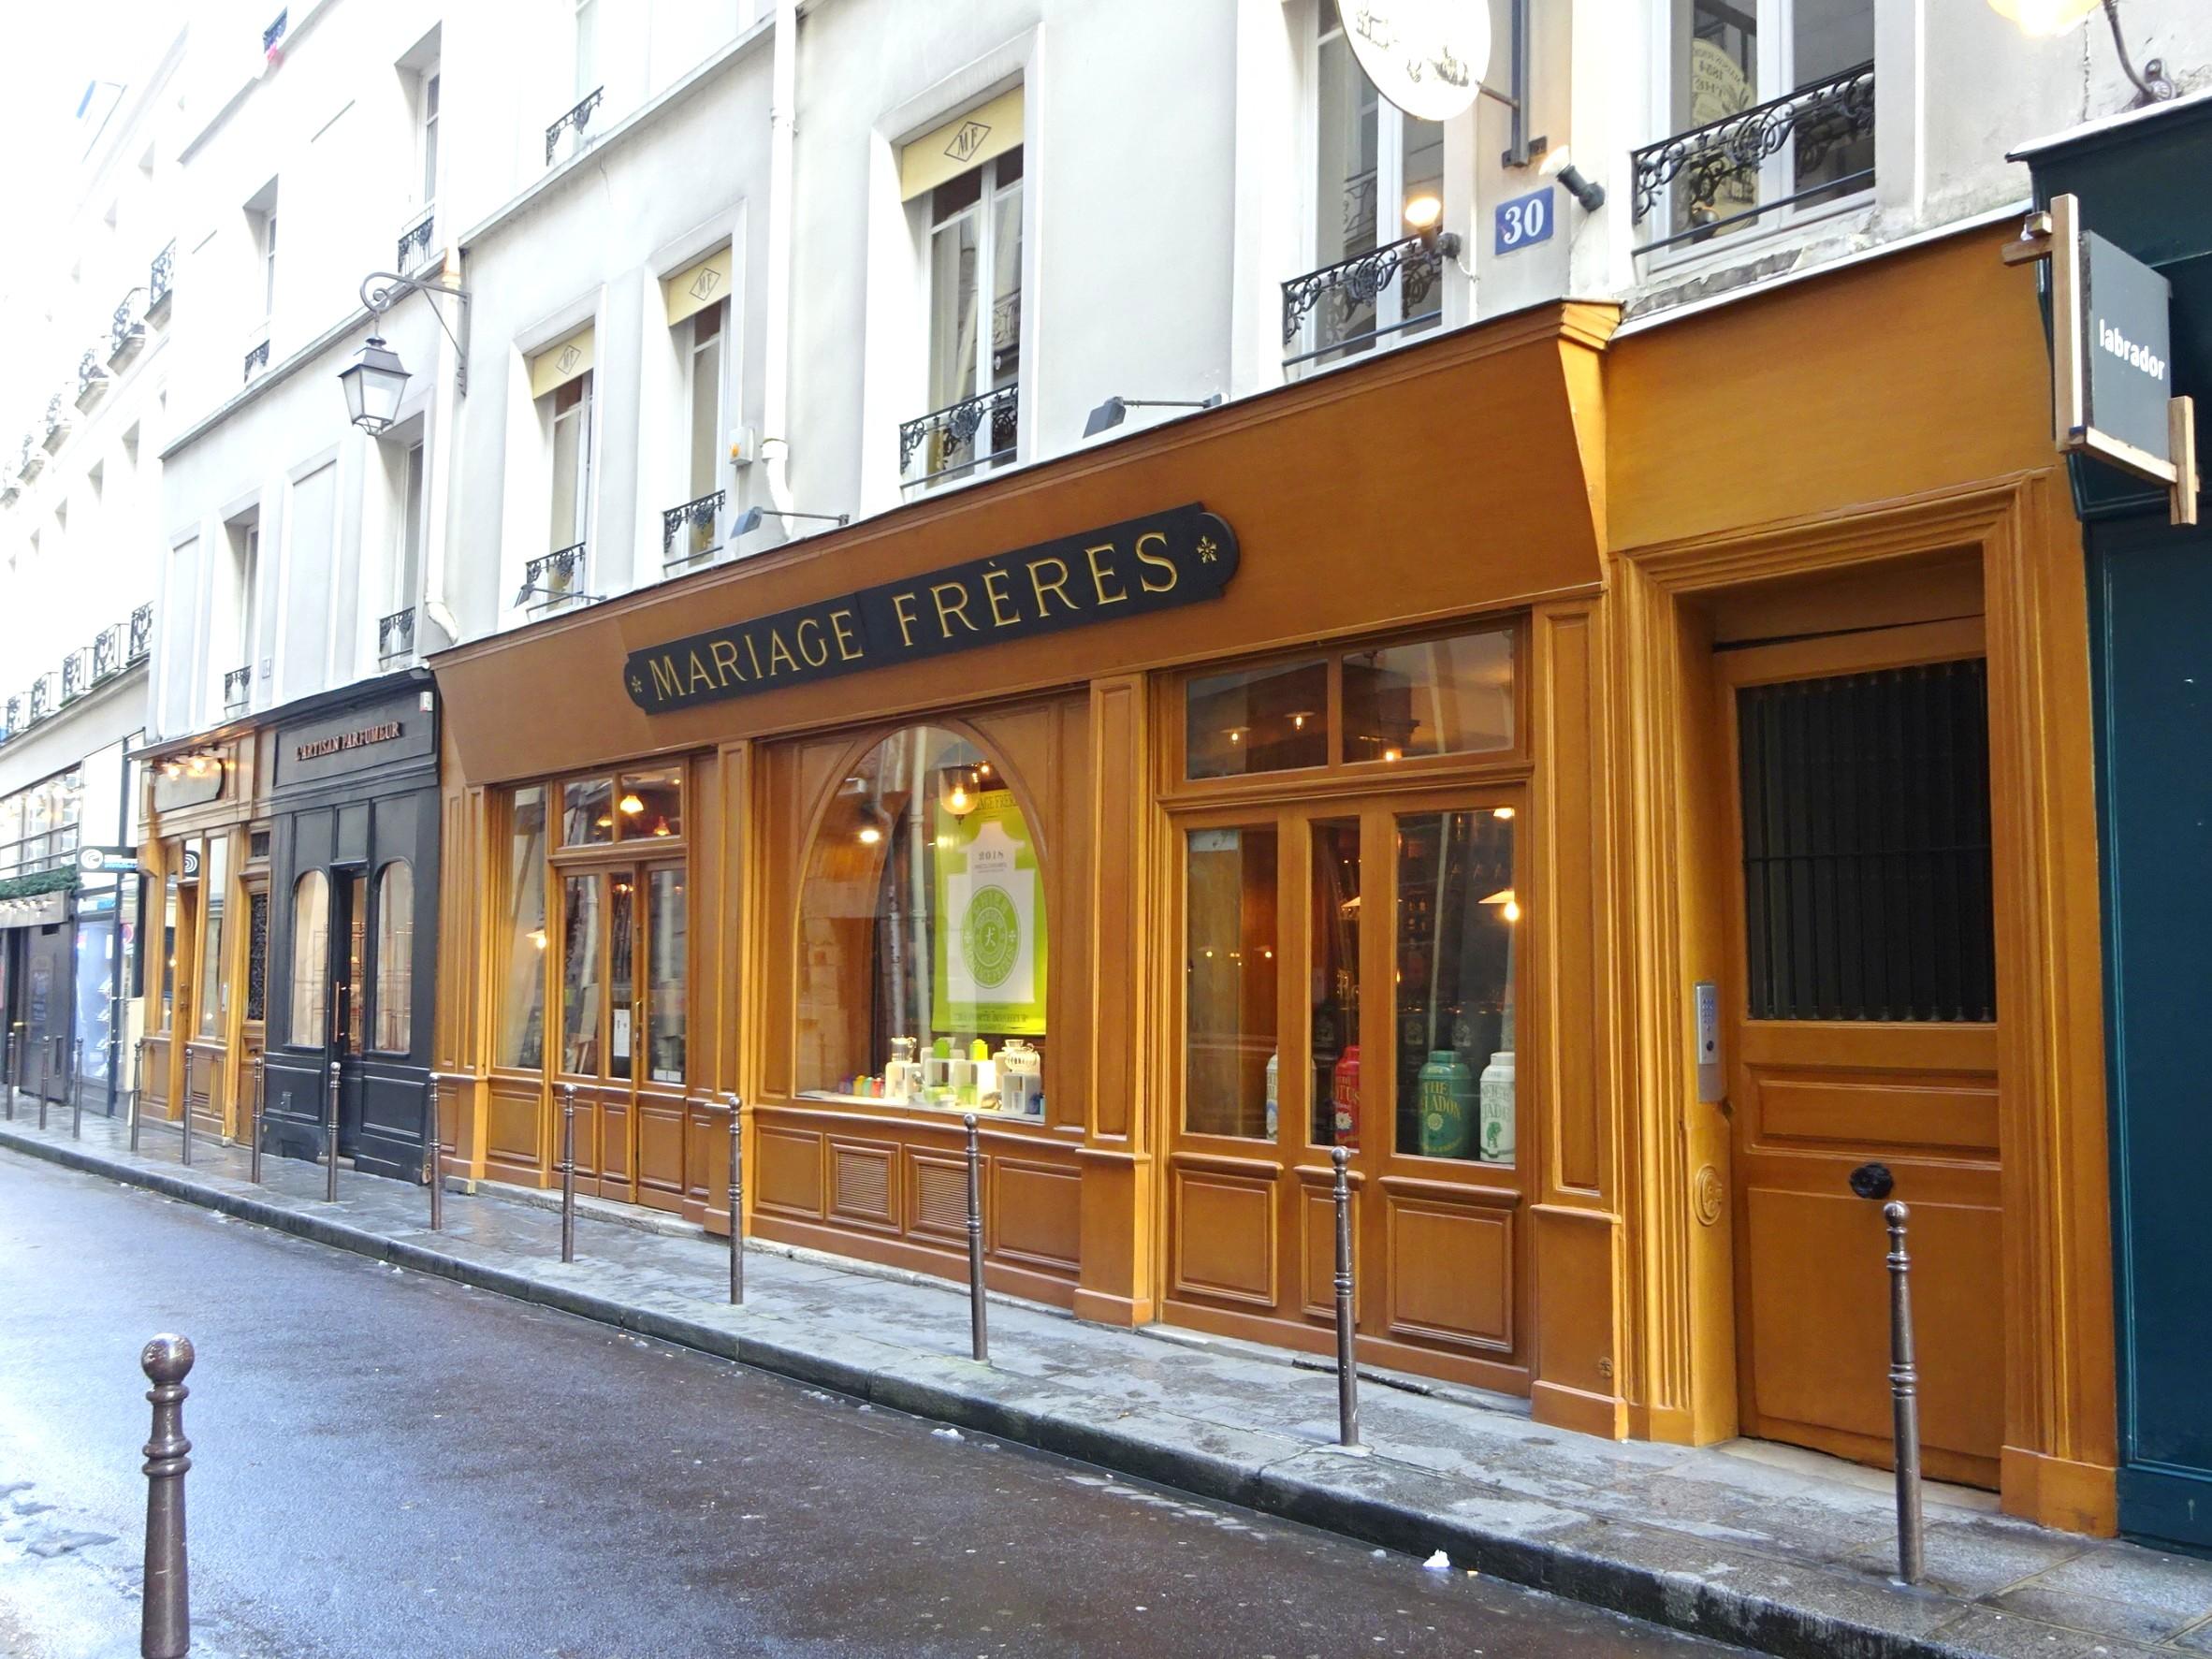 こちらがパリのマレ地区にあるマリアージュフレールの本店です。